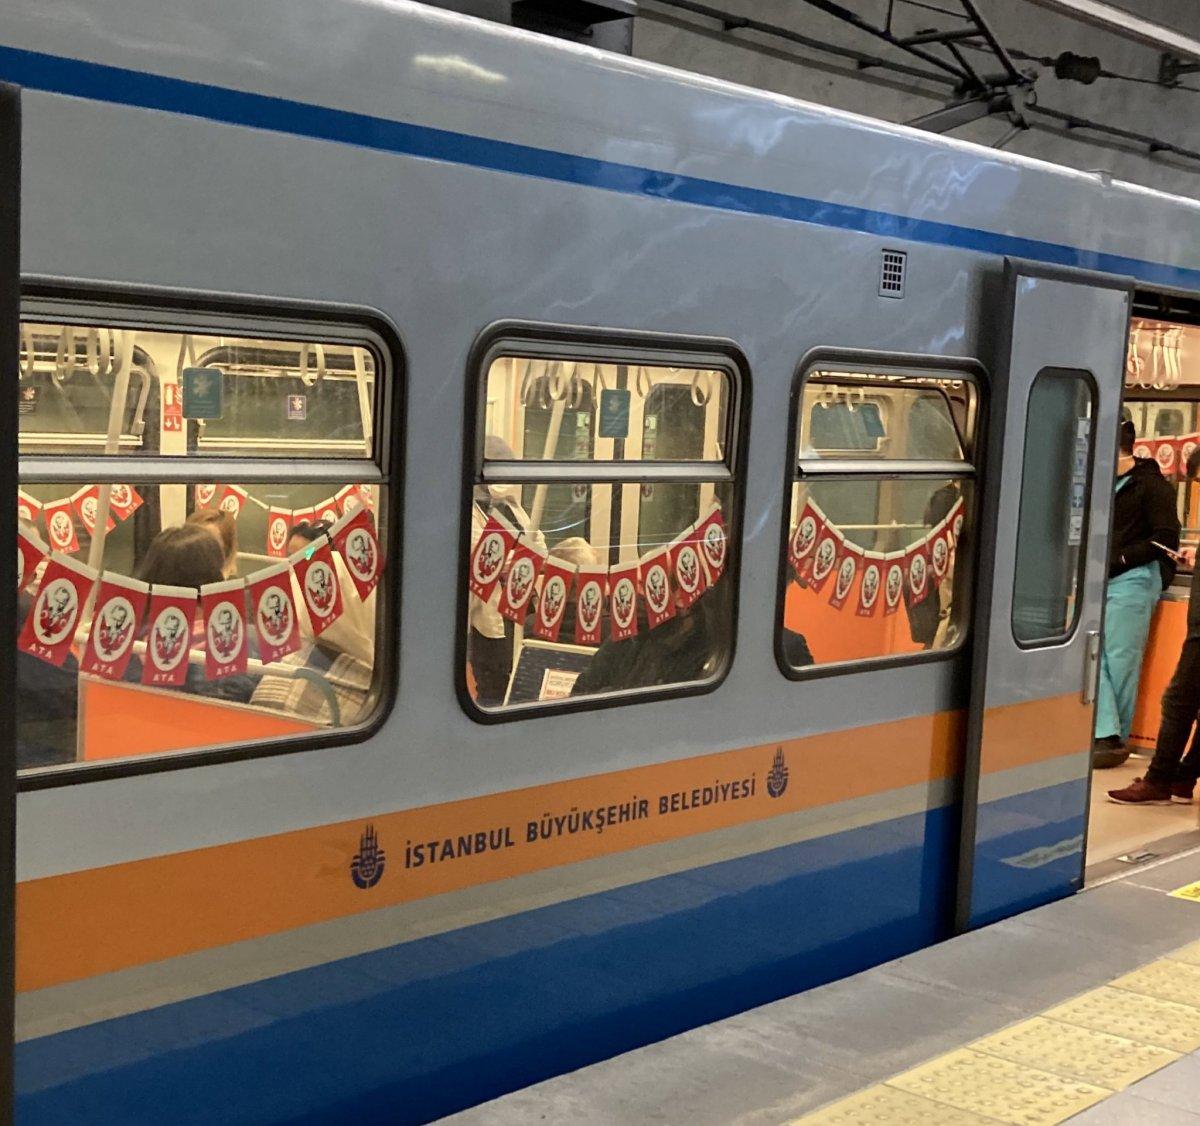 İBB nin metroları bayrakla süslemesinin maliyeti belli oldu #5